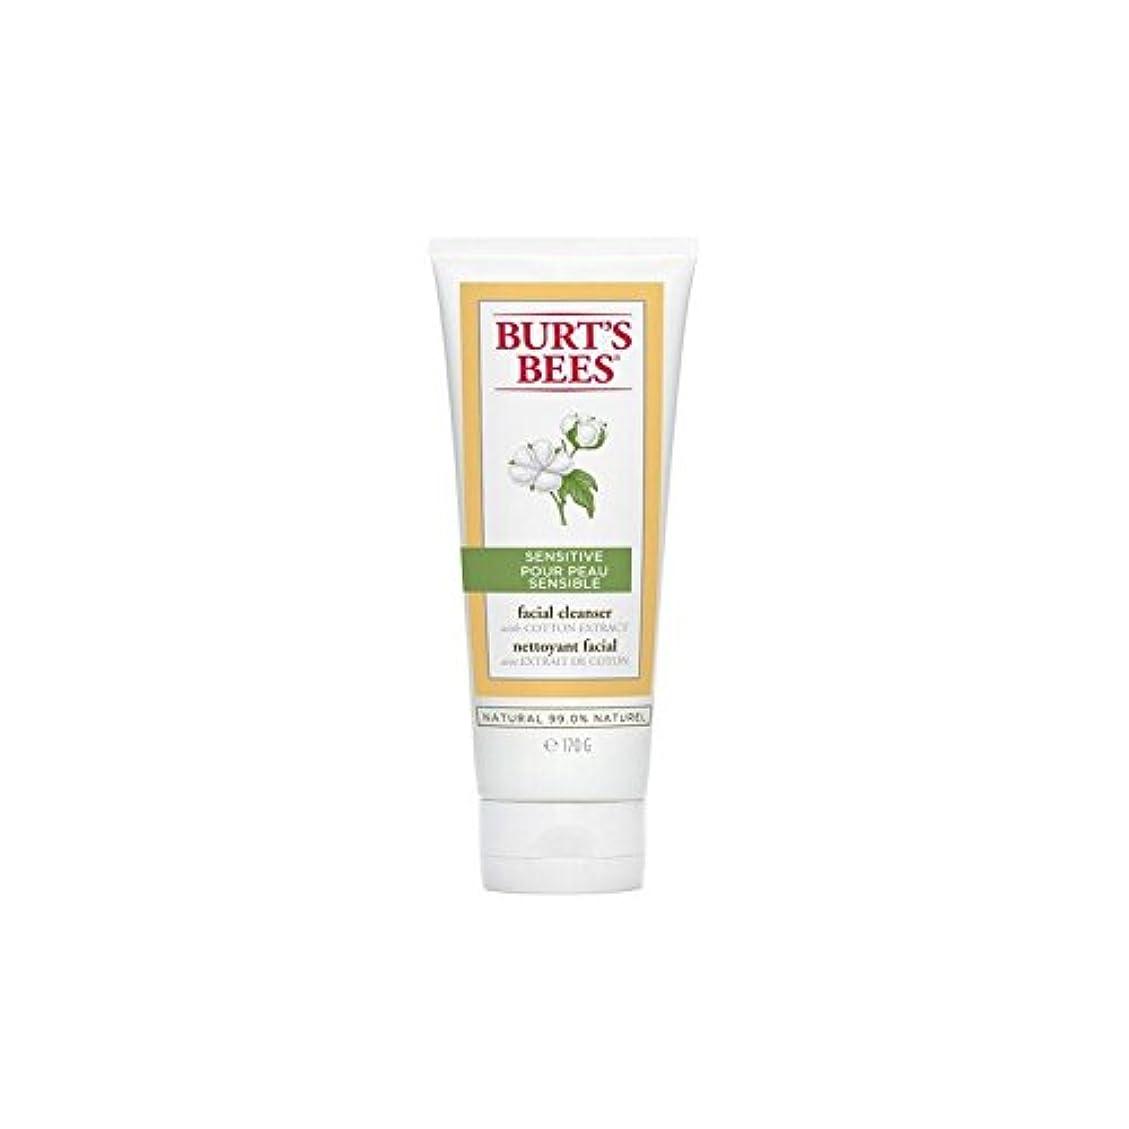 テクスチャーアラスカジョセフバンクスBurt's Bees Sensitive Facial Cleanser 170G - バーツビー敏感な洗顔料の170グラム [並行輸入品]